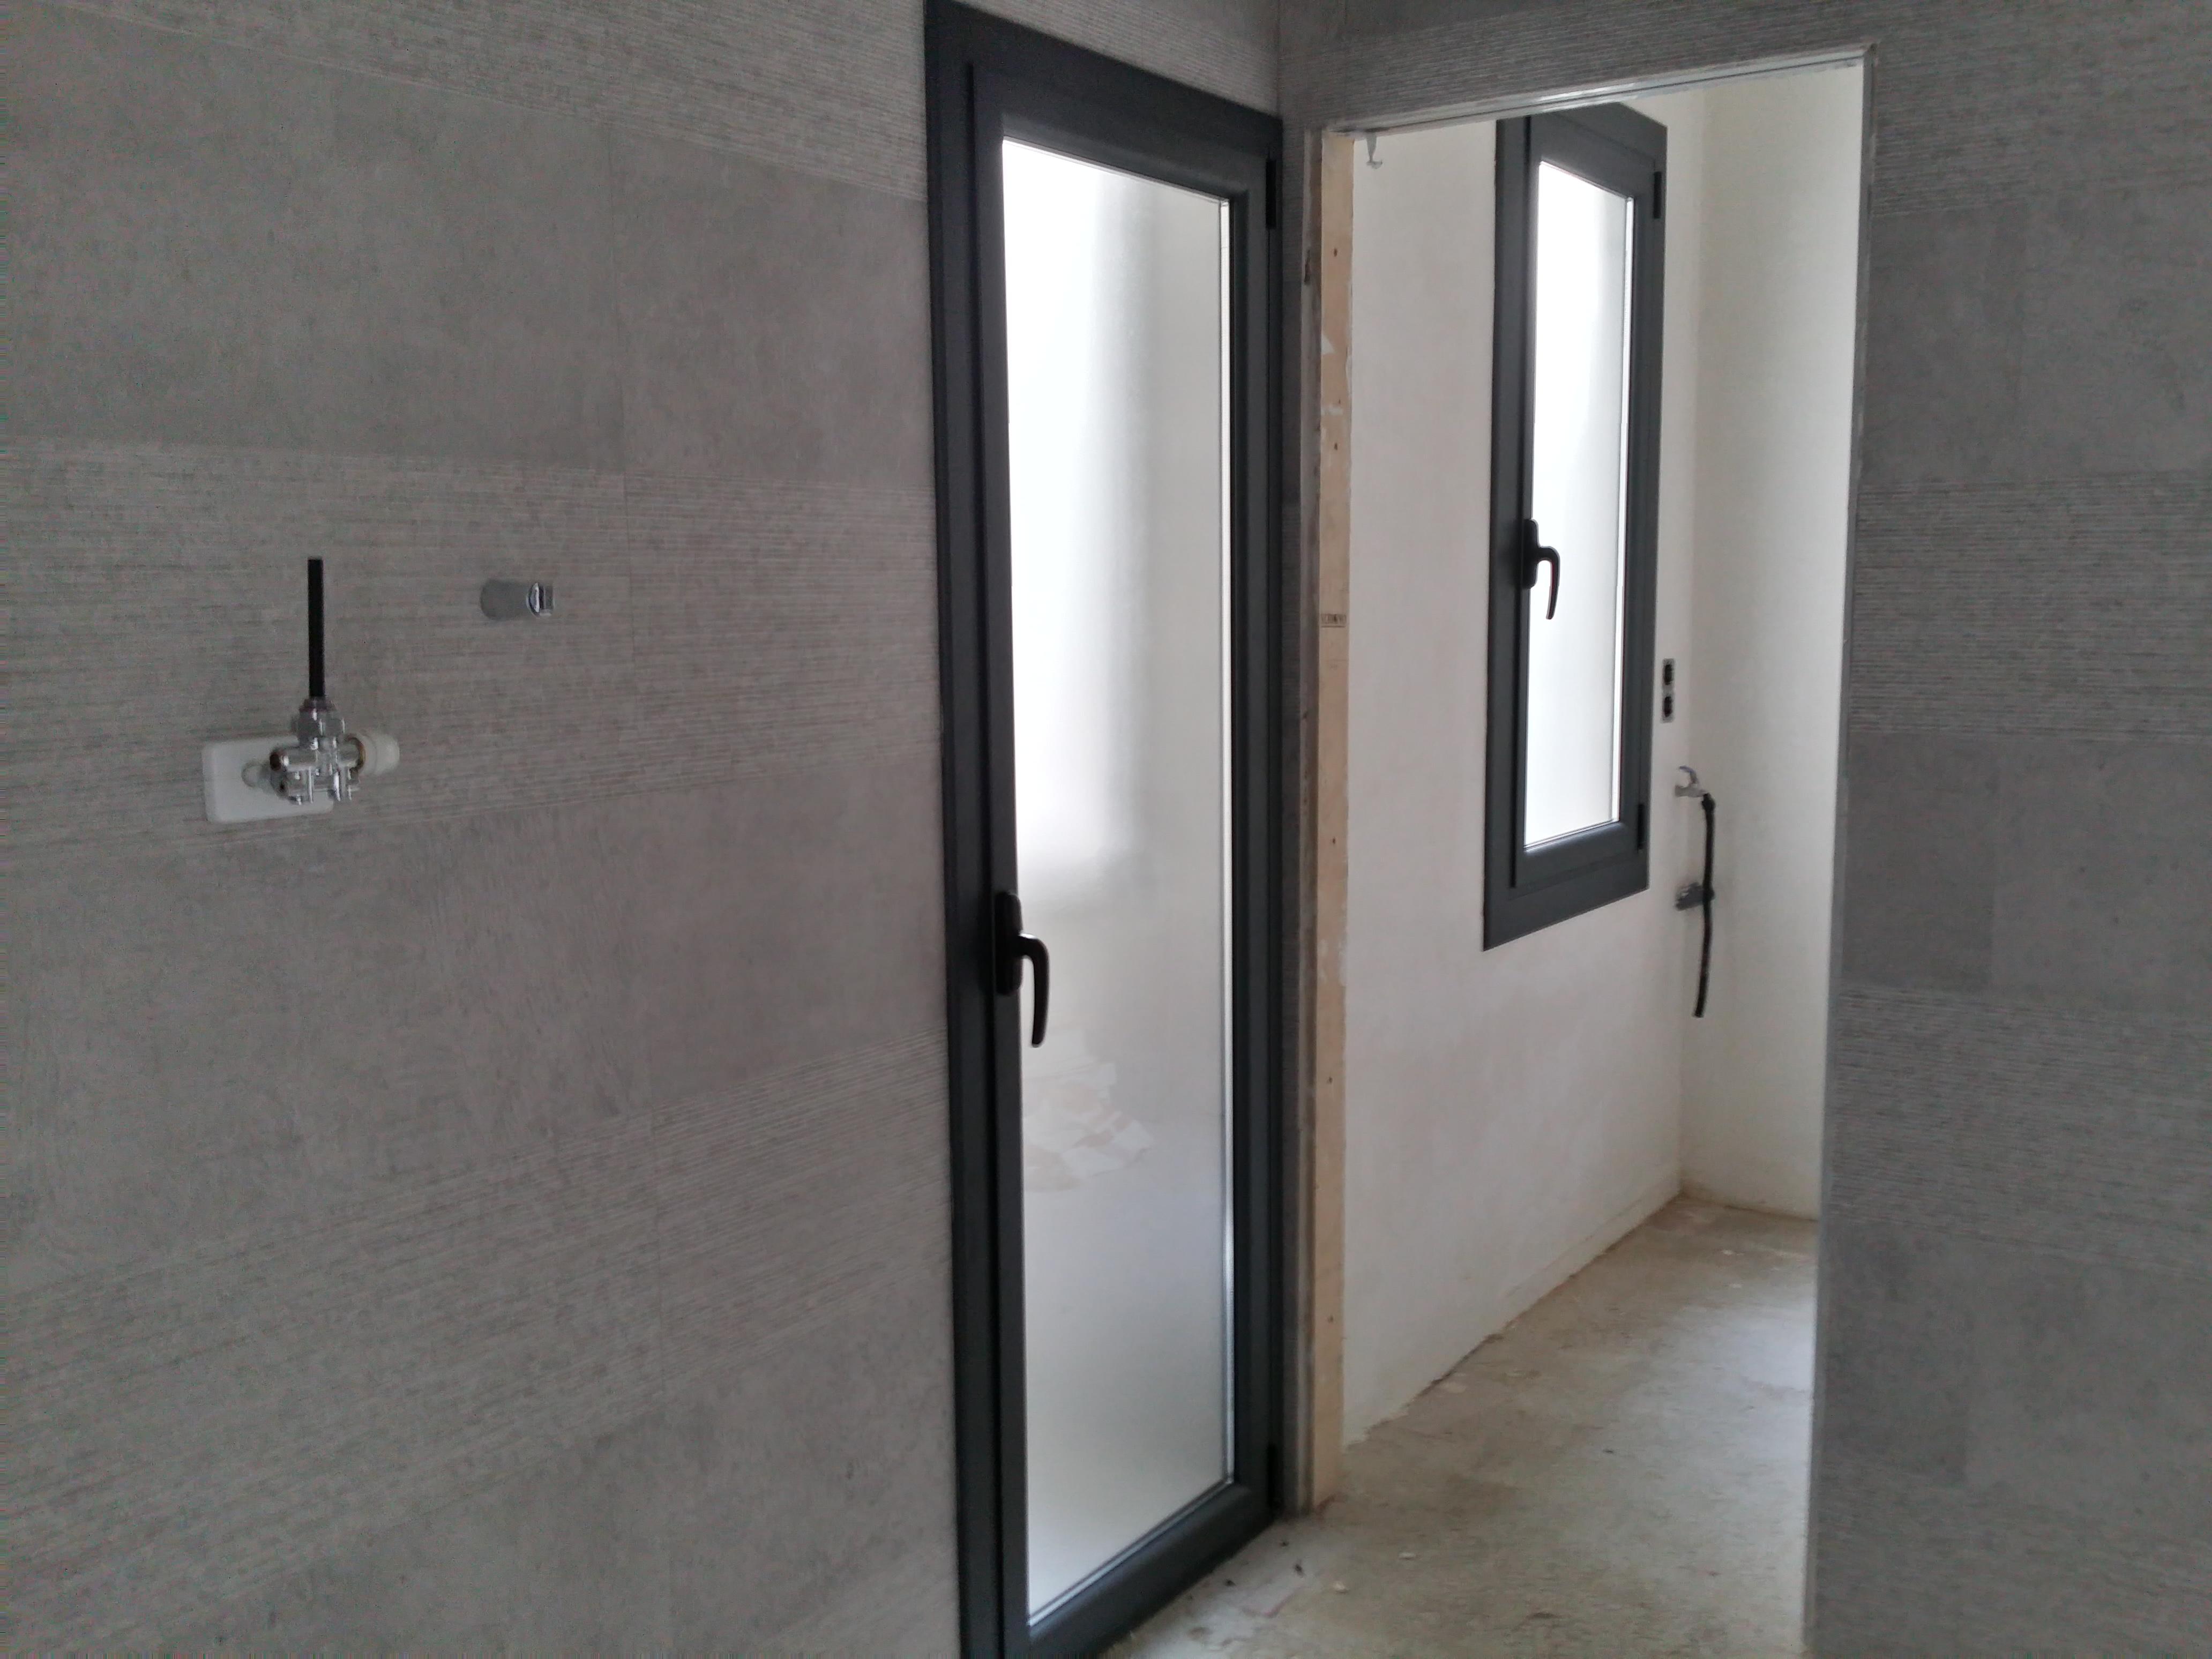 puertas y ventanas de aluminio con rotura de puente